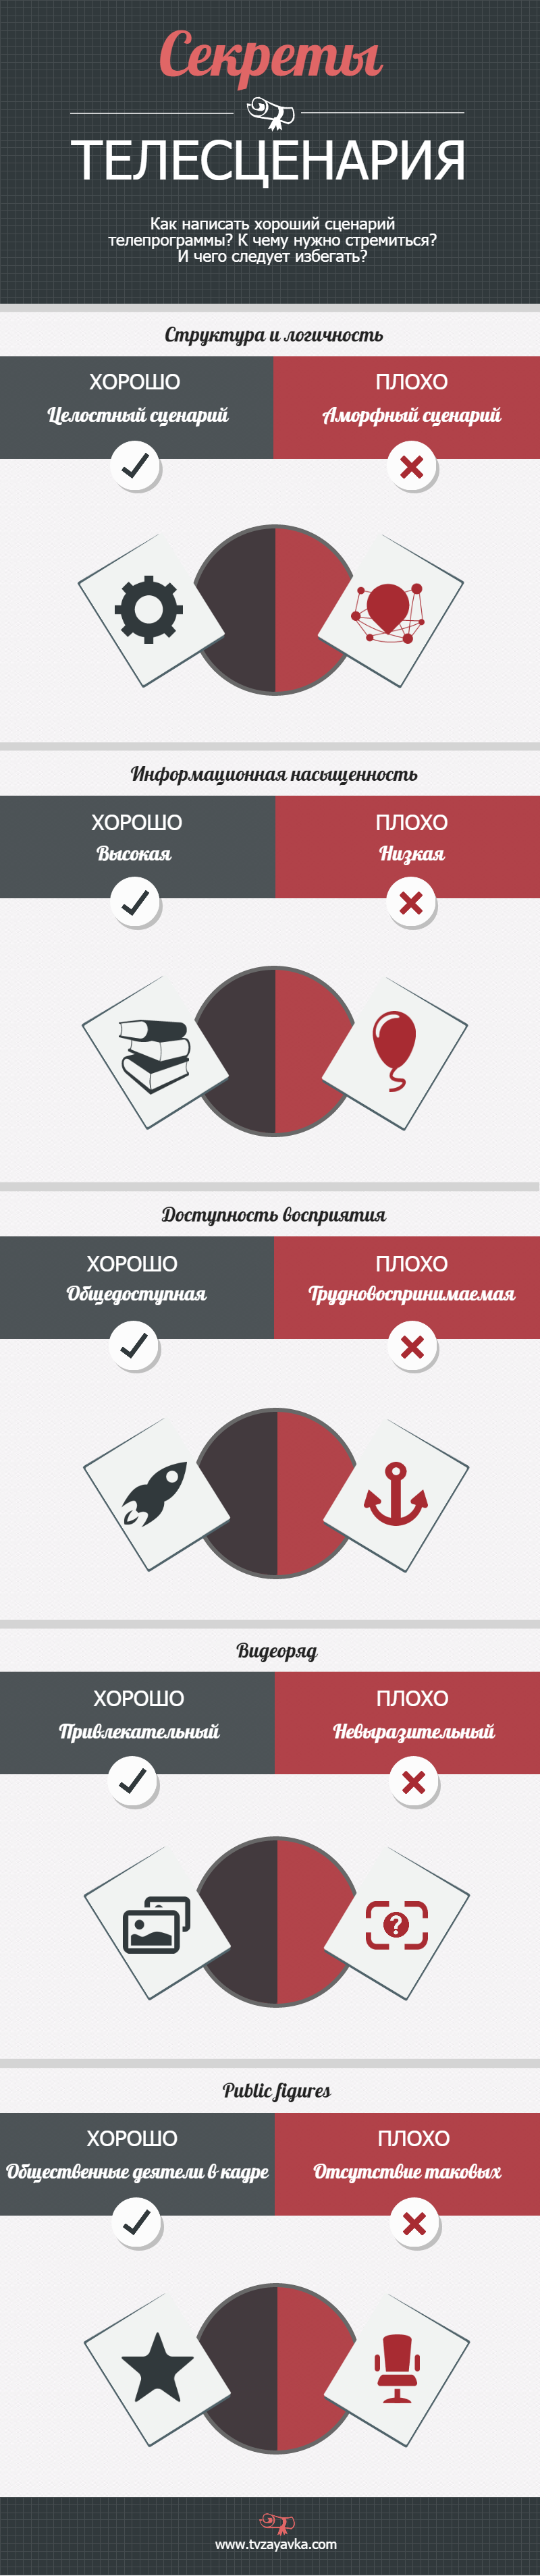 """Инфографика """"Секреты телесценария"""""""